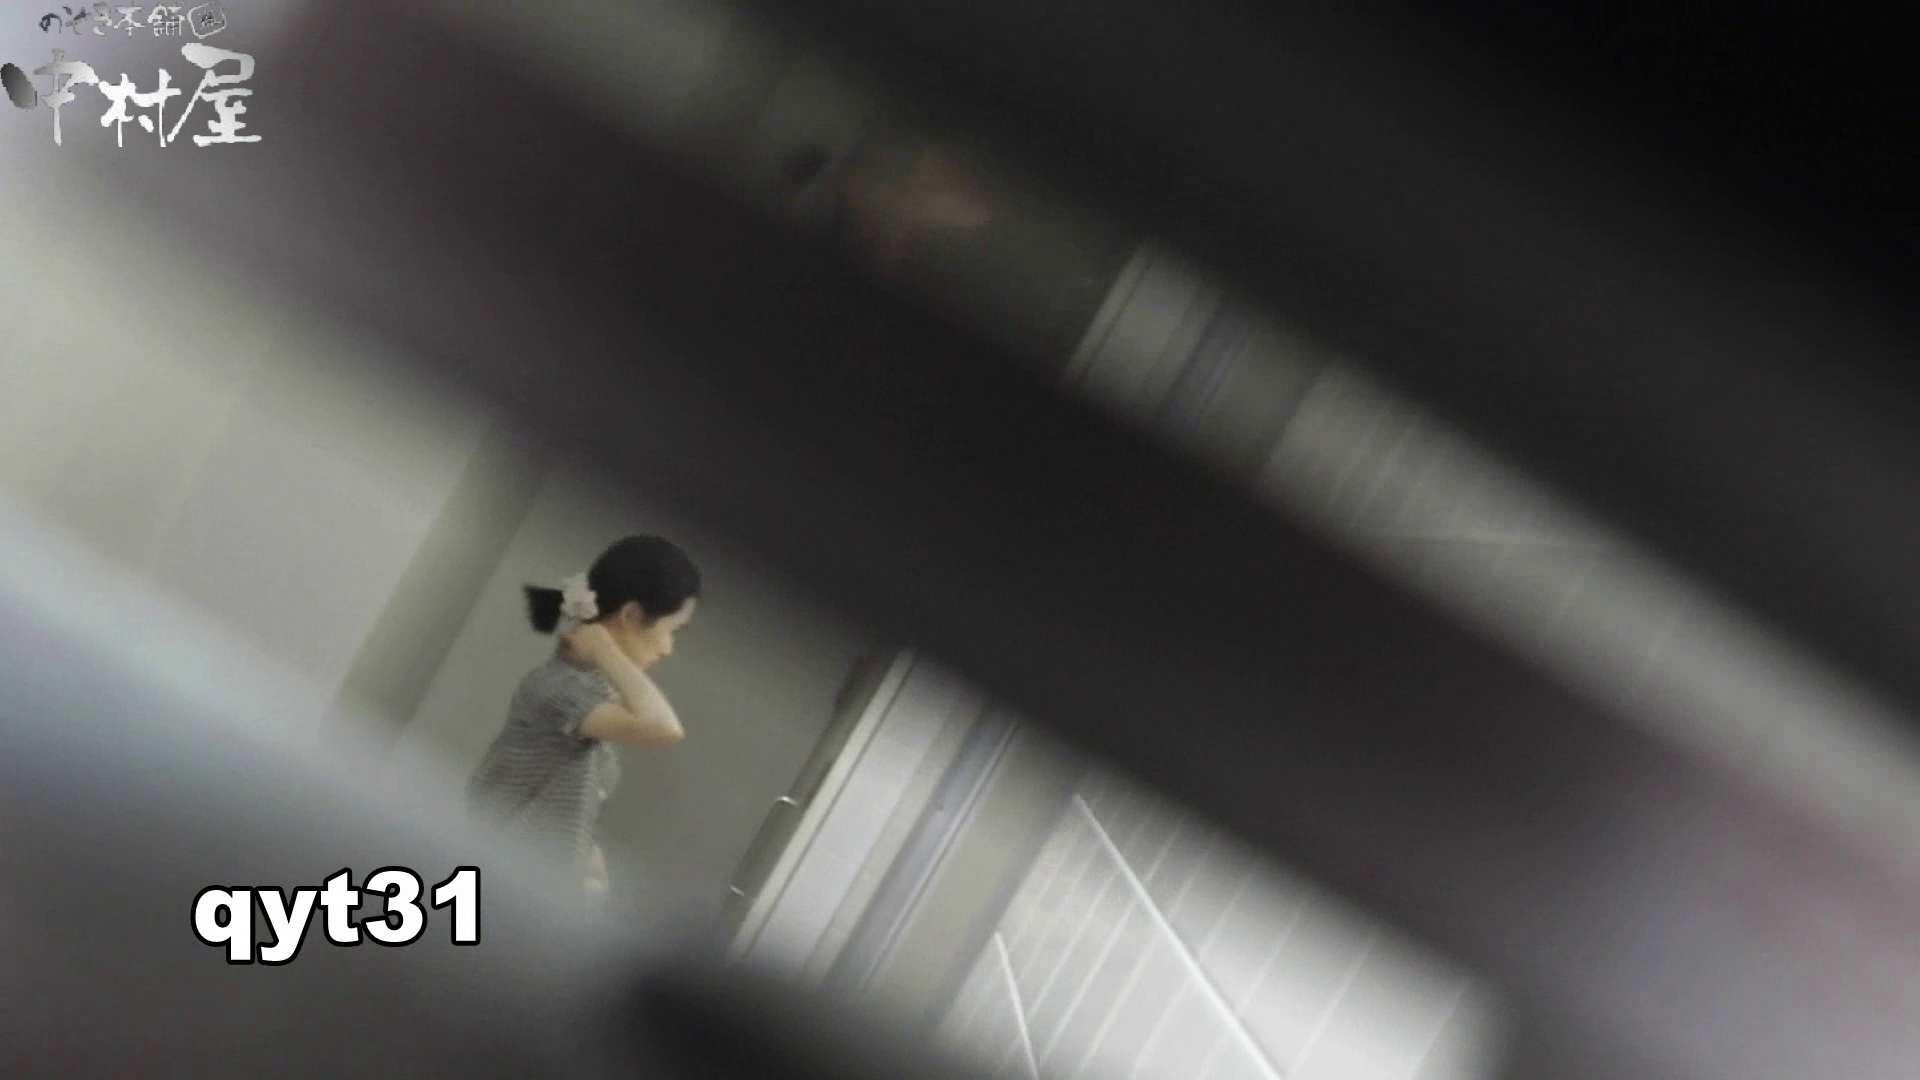 【お銀さんの「洗面所突入レポート!!」】お銀さんの「洗面所突入レポート!!」 vol.31 Σ(||゚Д゚)ヒィ~!! OLセックス  66画像 34